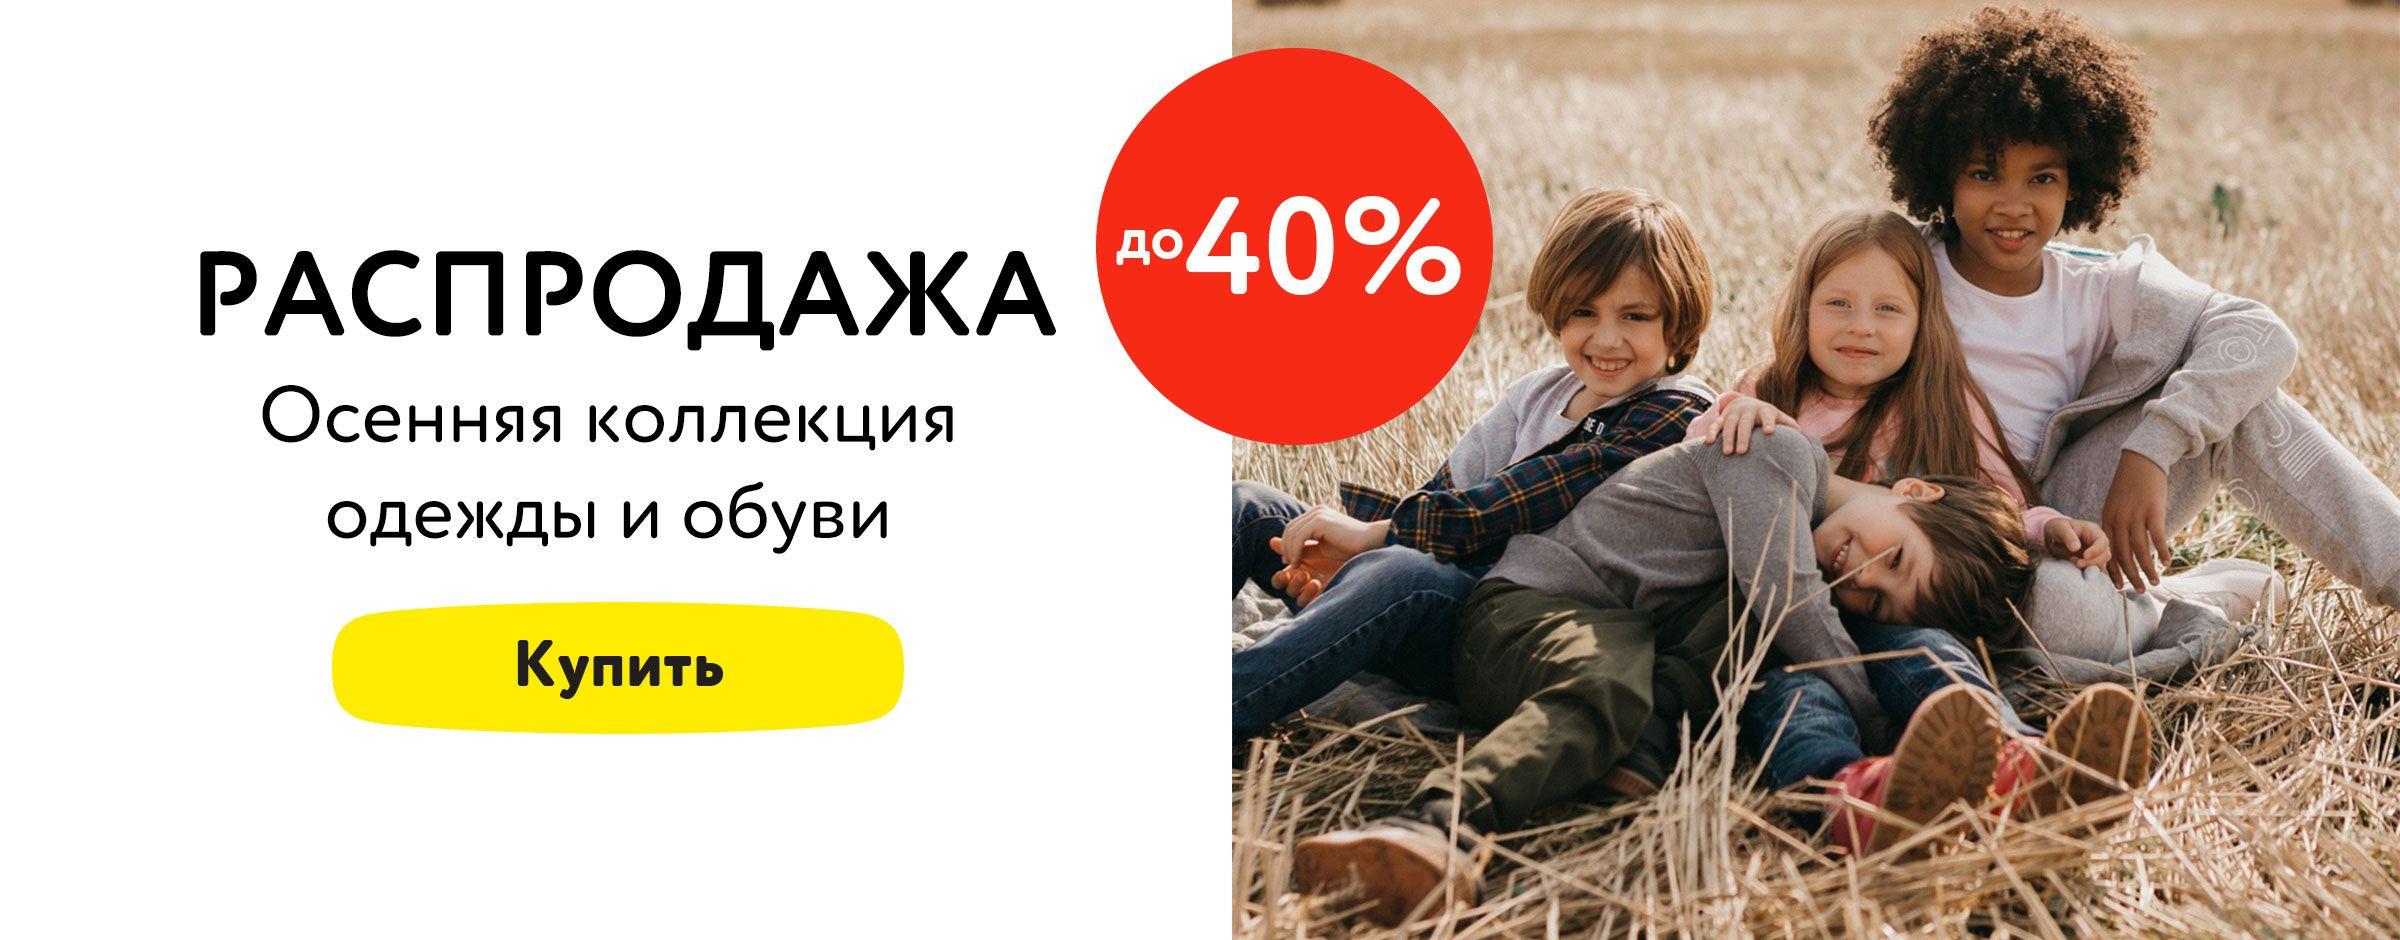 До 40% на осеннюю коллекцию одежды и обуви